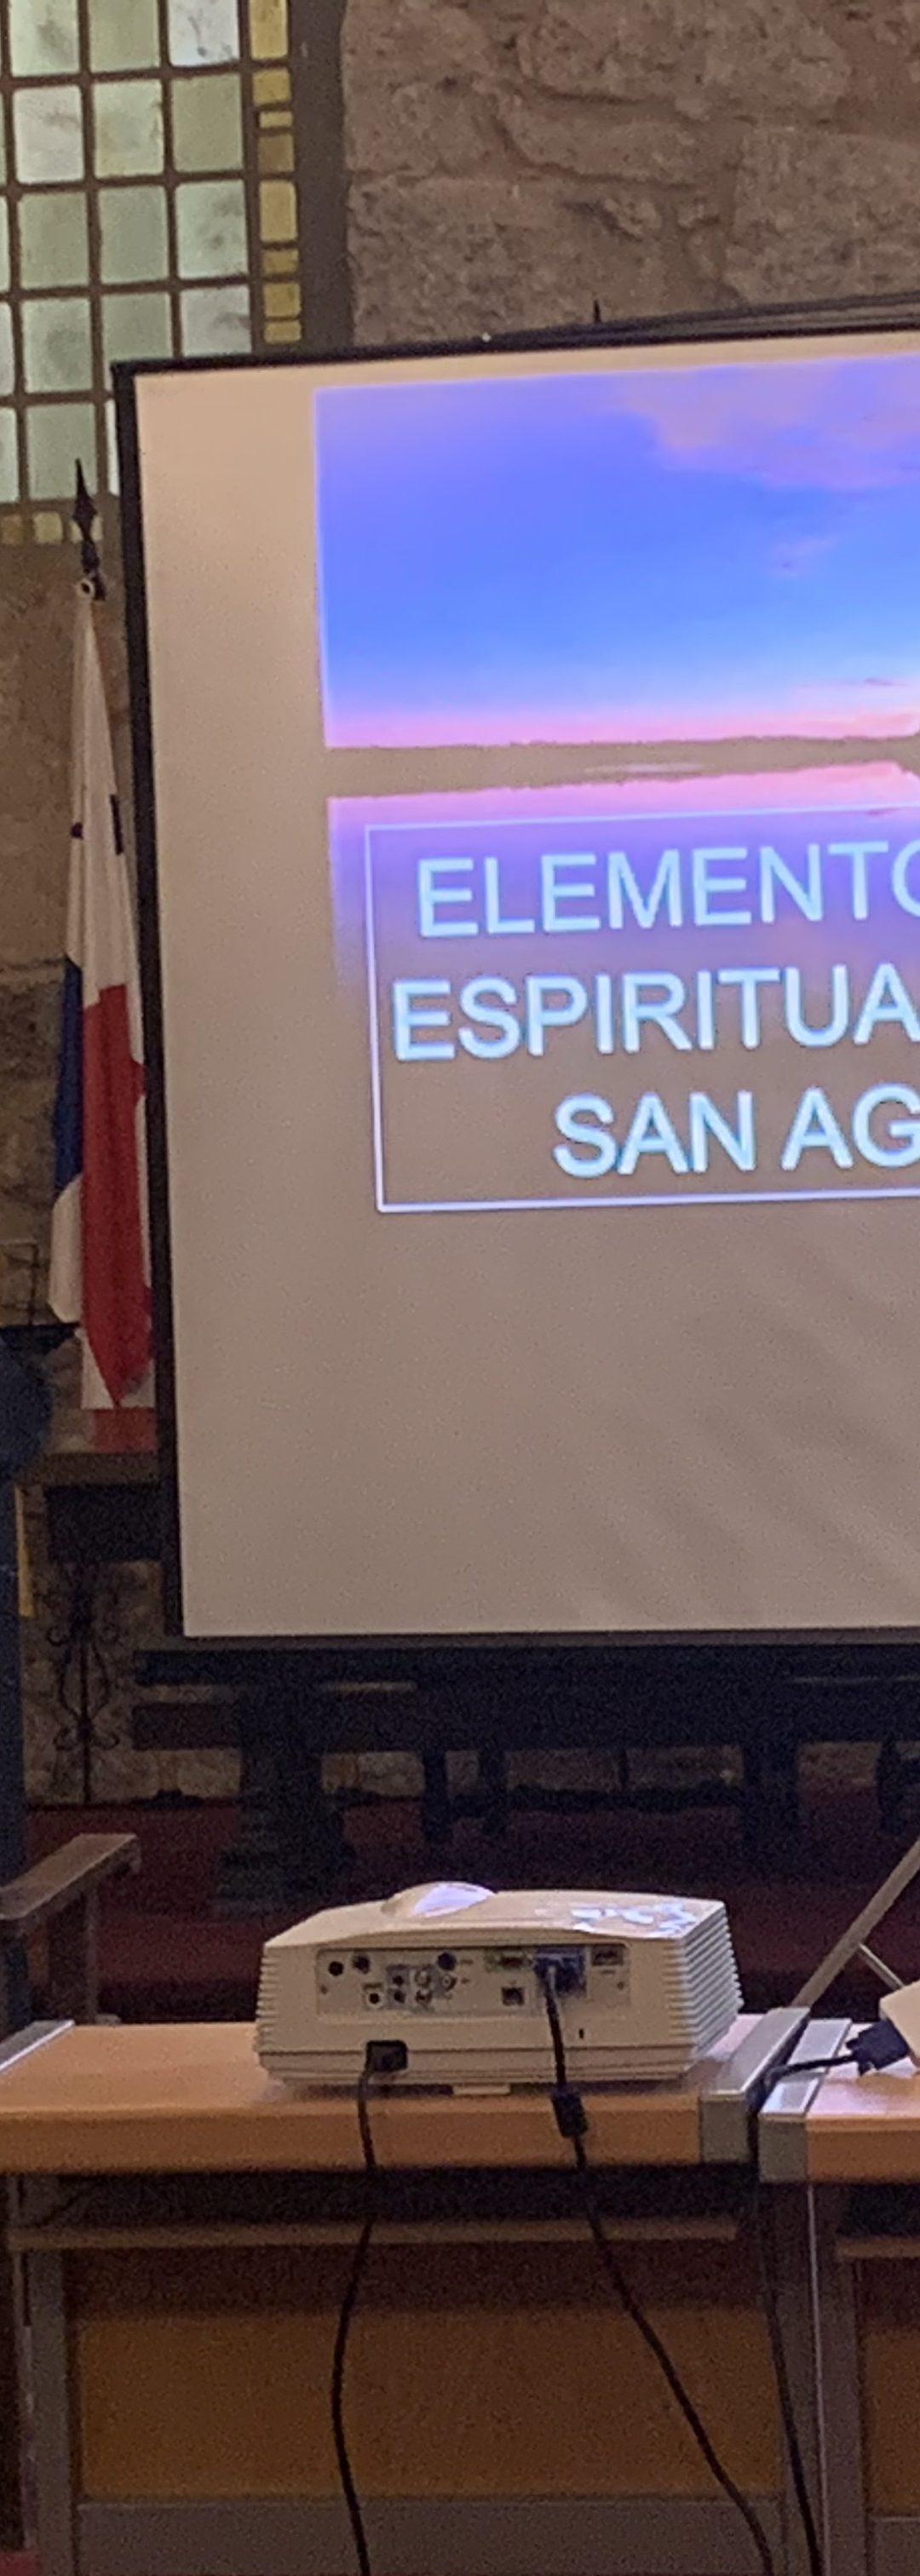 enrique_eguiarte_san_millan_formacion_profesos_espiritualidad_agustiniana